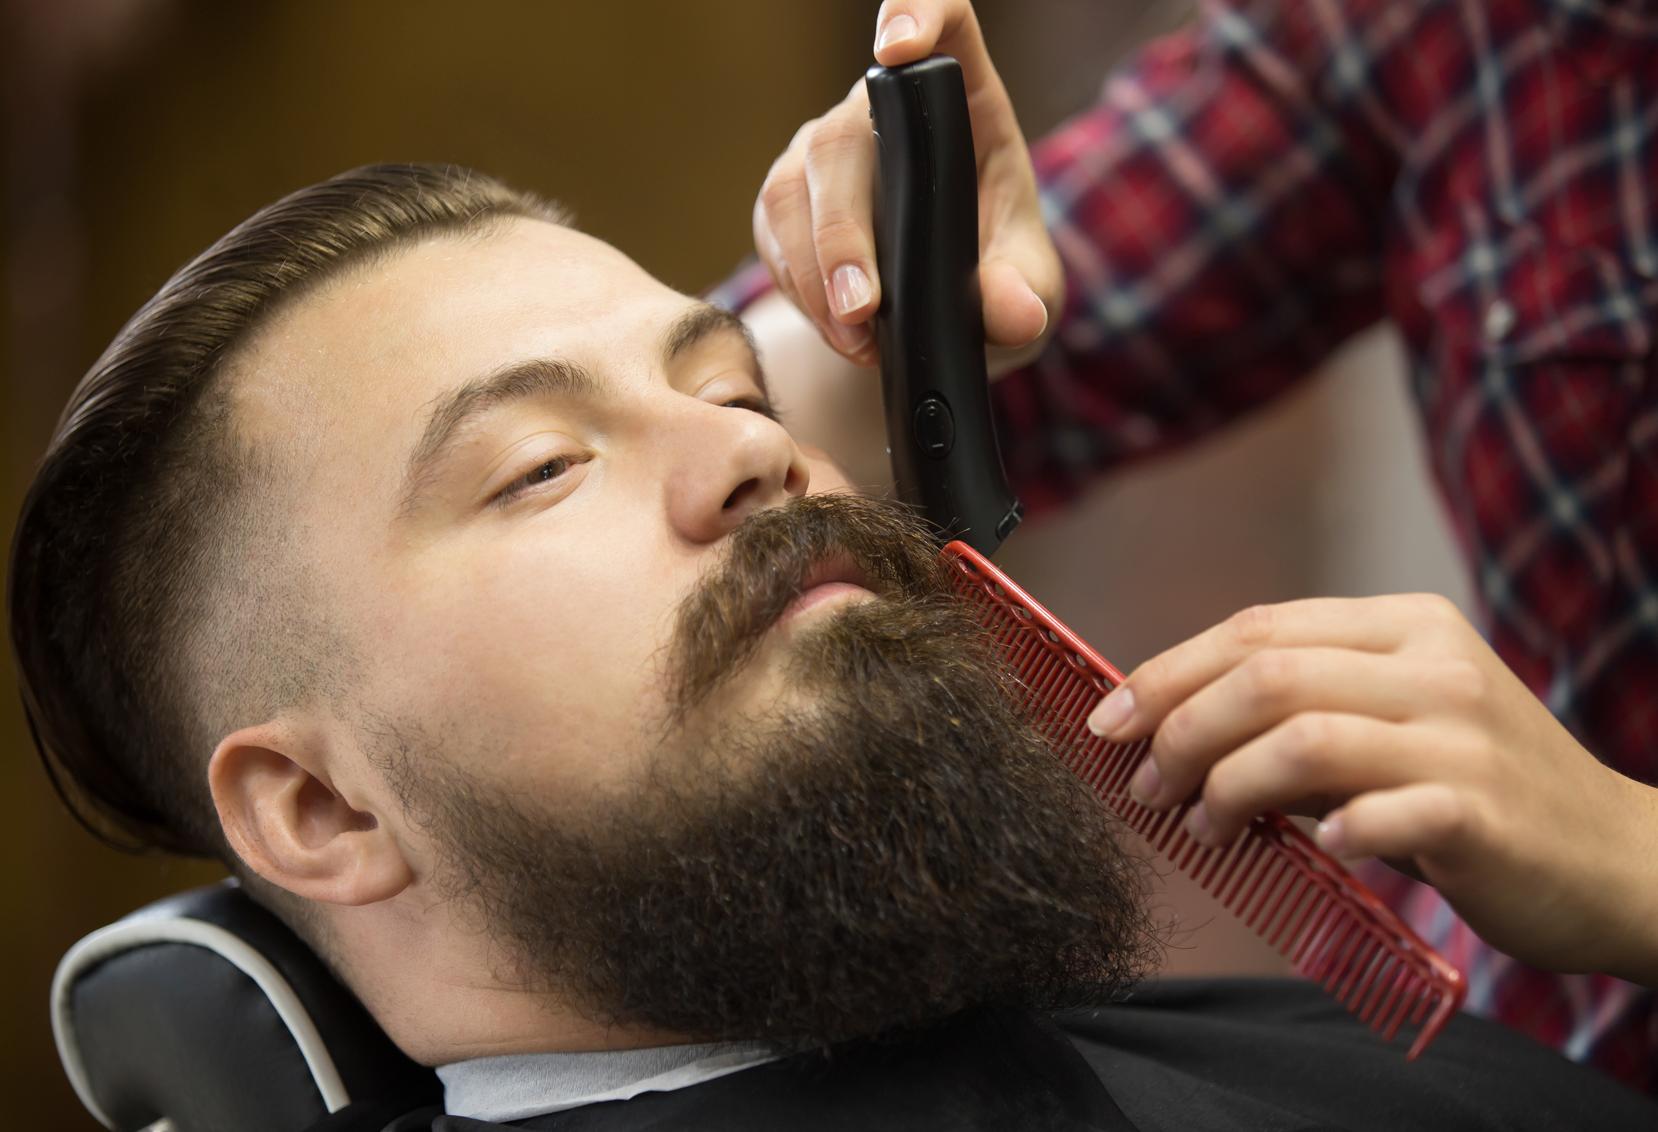 Conheça A Rotina Básica Para Manter A Barba Bem Cuidada